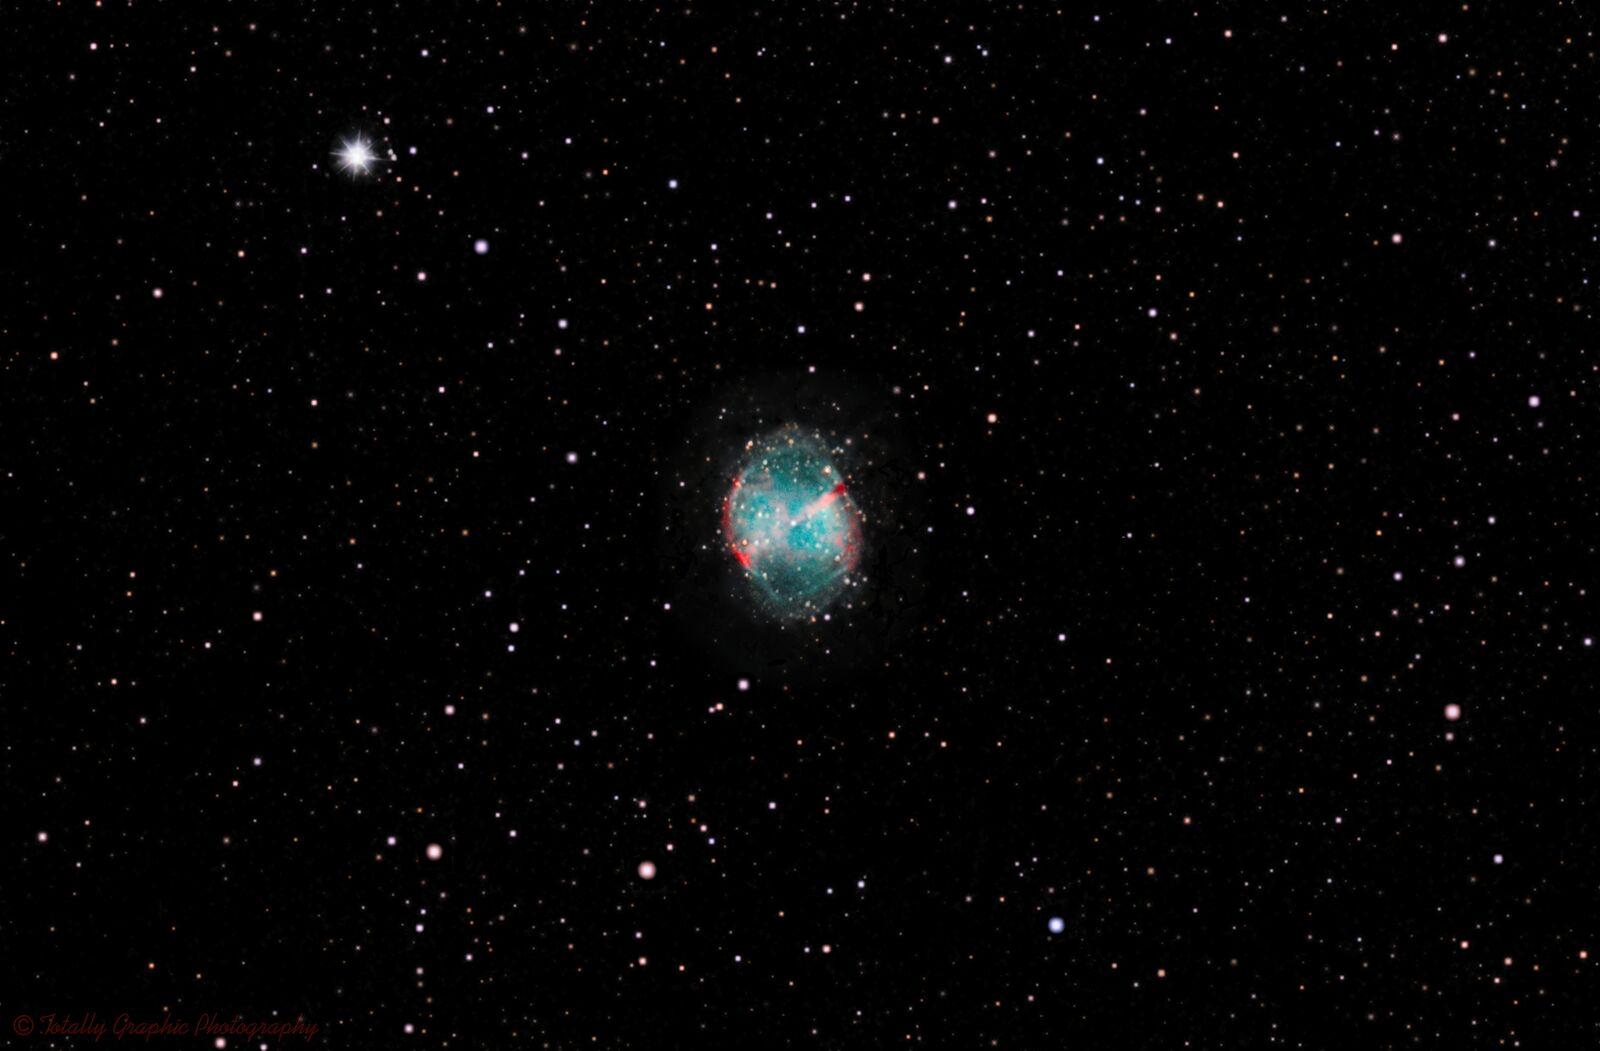 M27 The Dumbbell Nebula